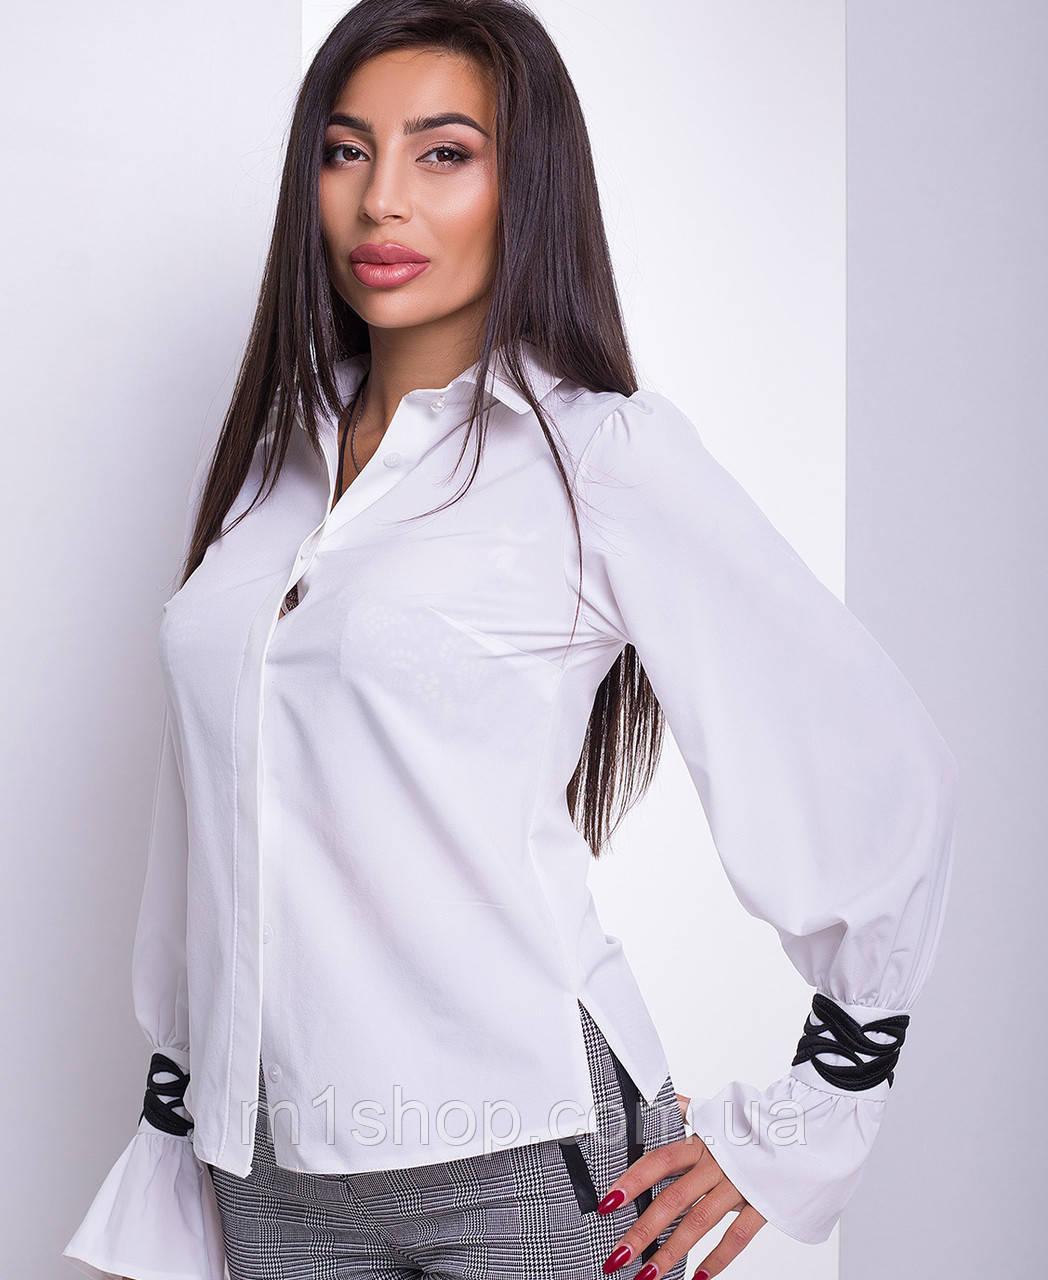 Женская рубашка с красивыми узорными манжетами (Аллегро lzn)